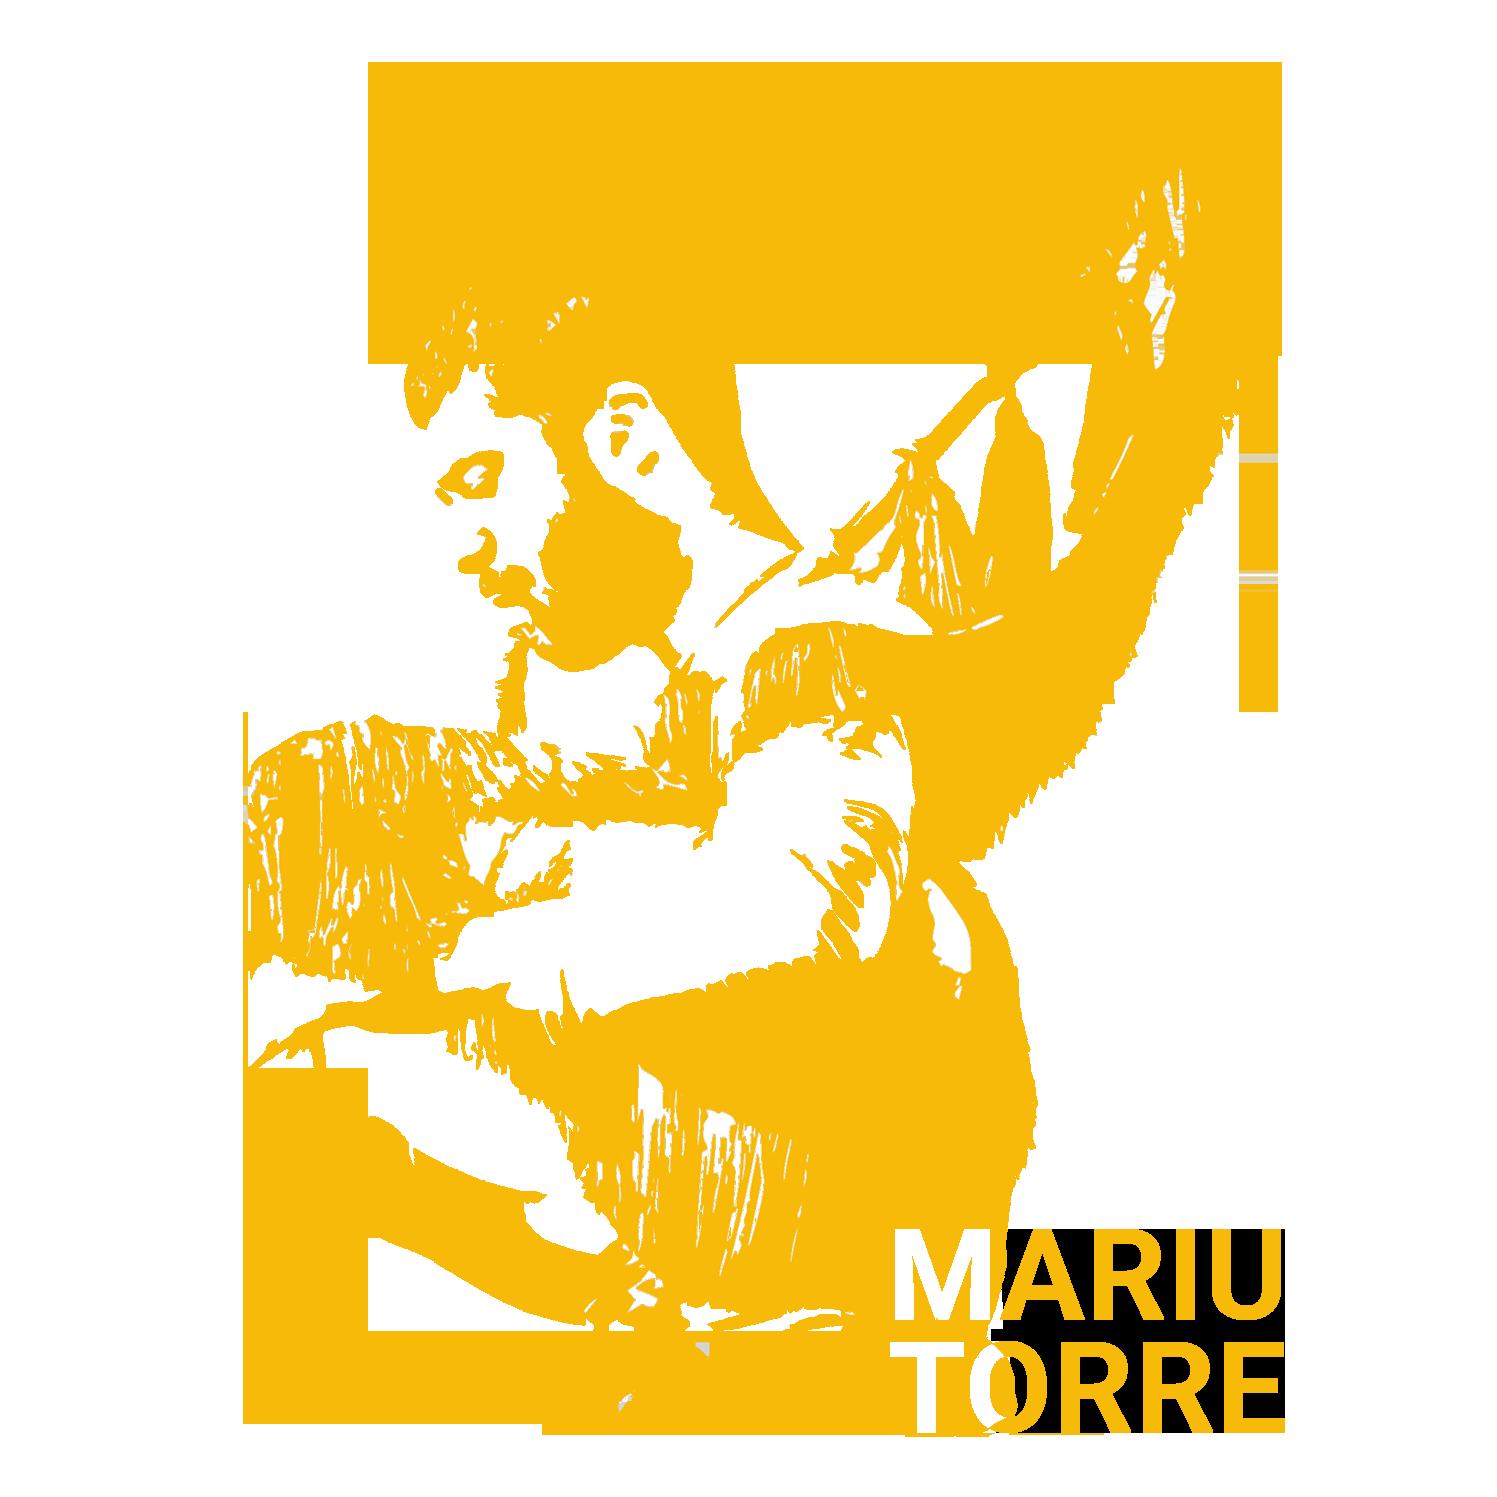 Mariu Torre